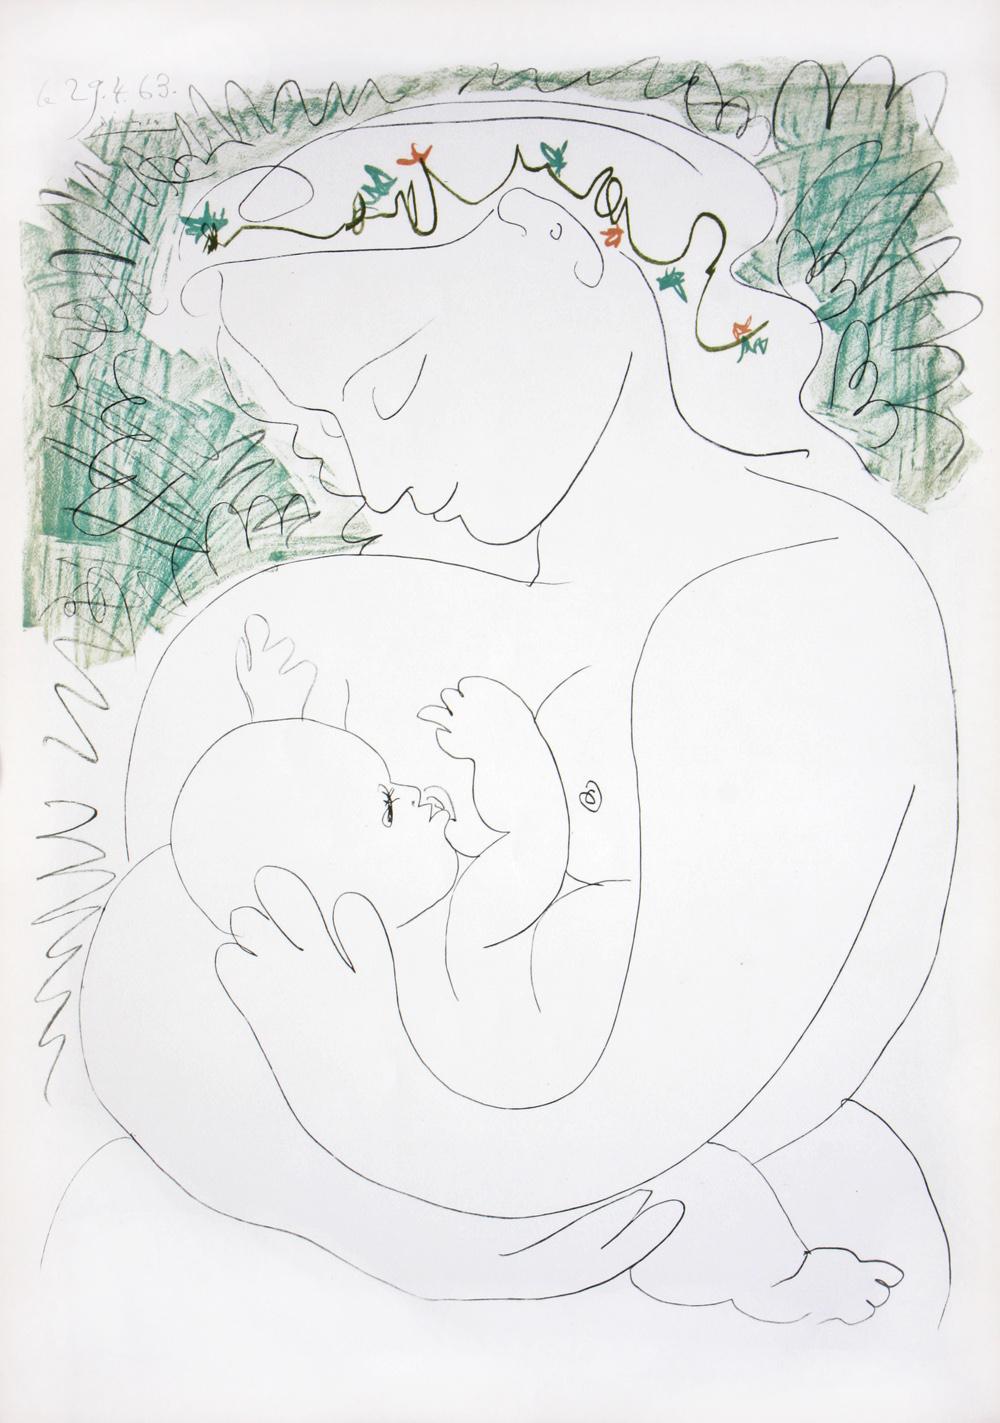 Pablo Picasso - Maternite - Lithograph